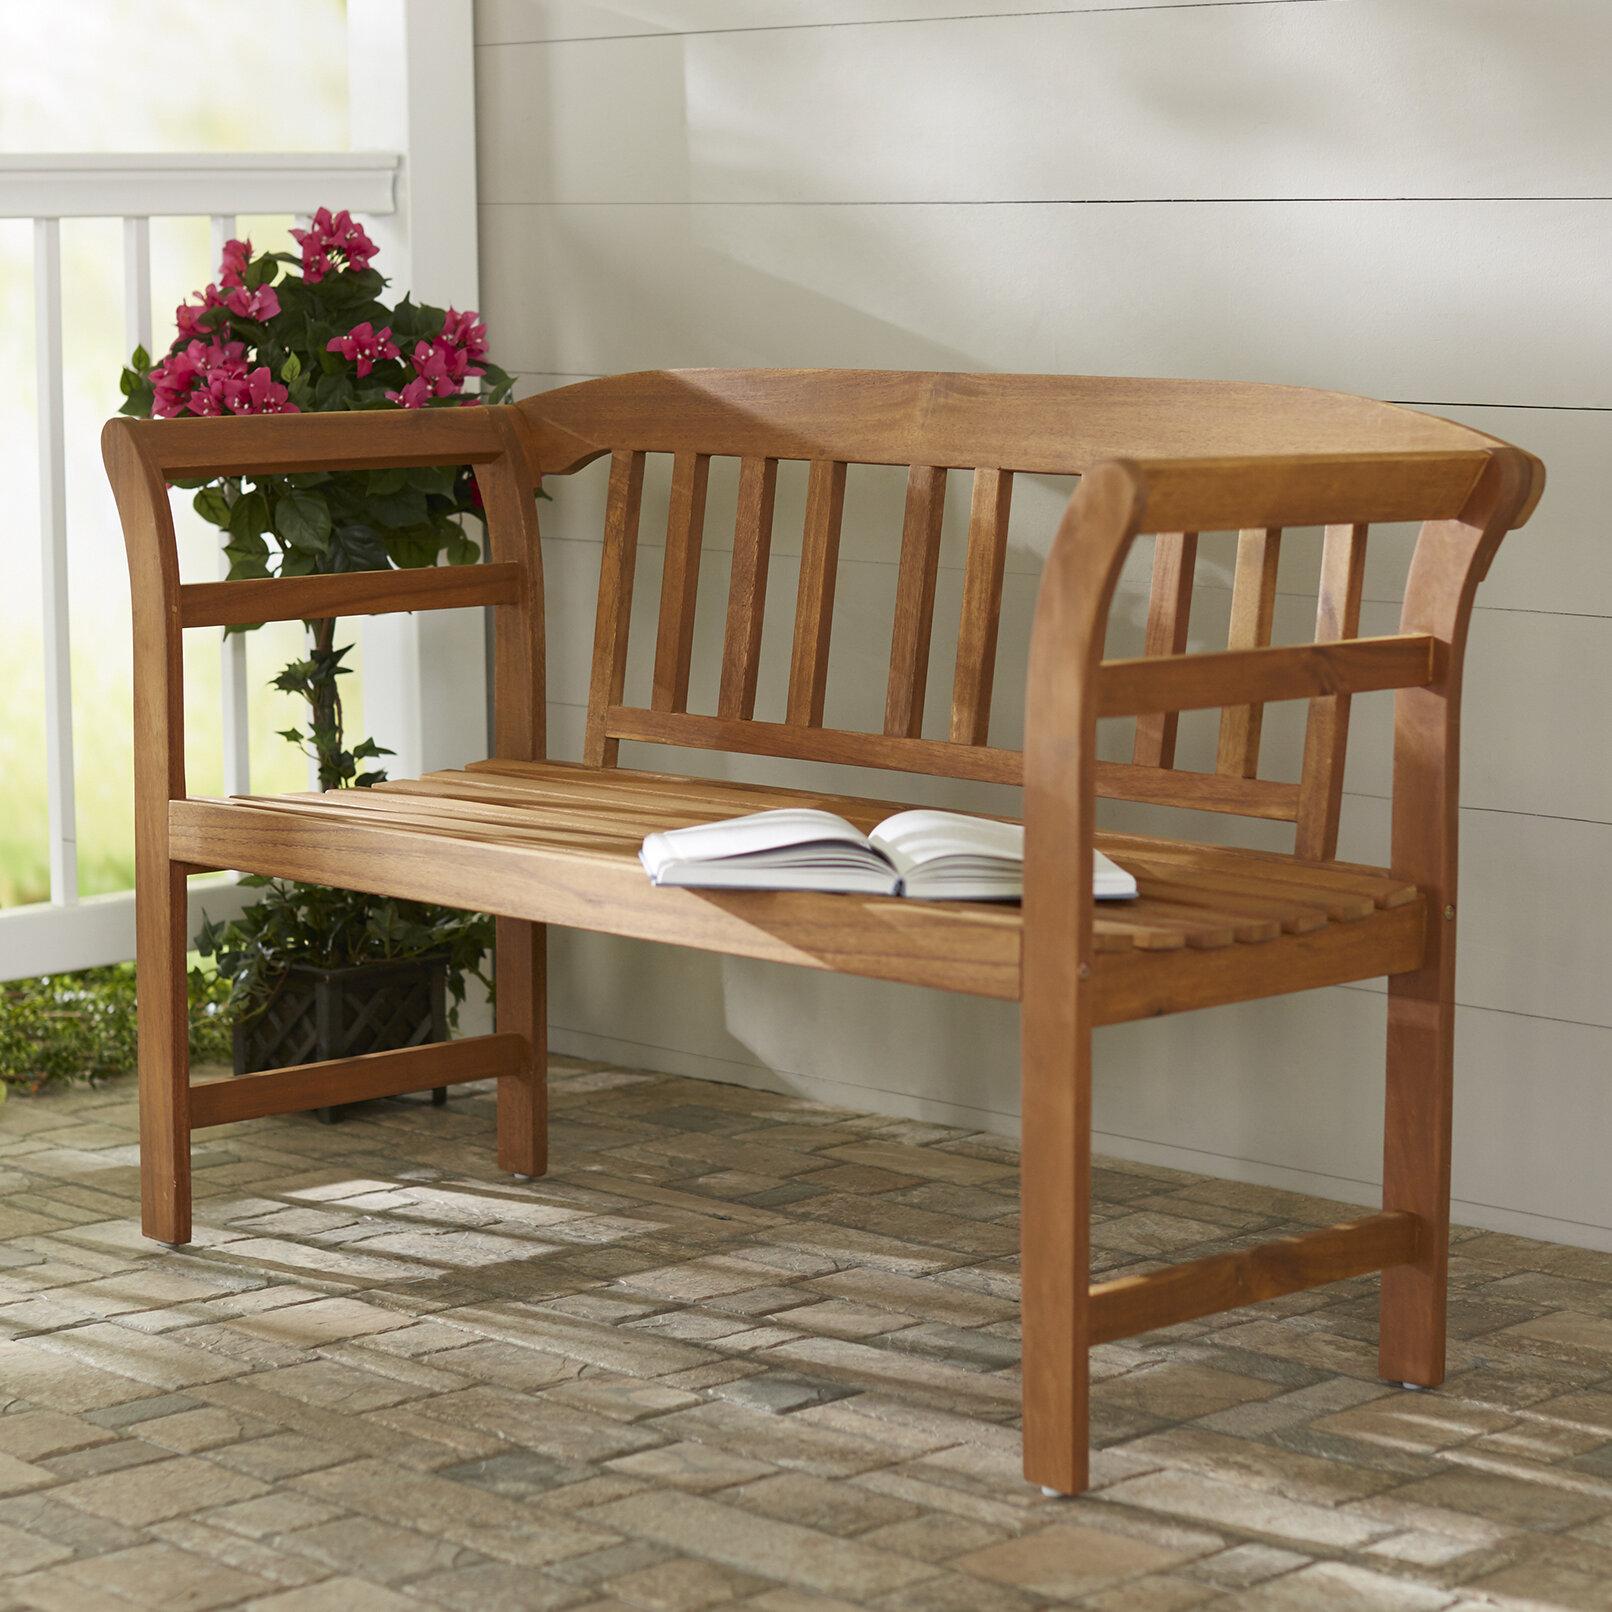 Archdale 2 Seat Acacia Wooden Garden Bench